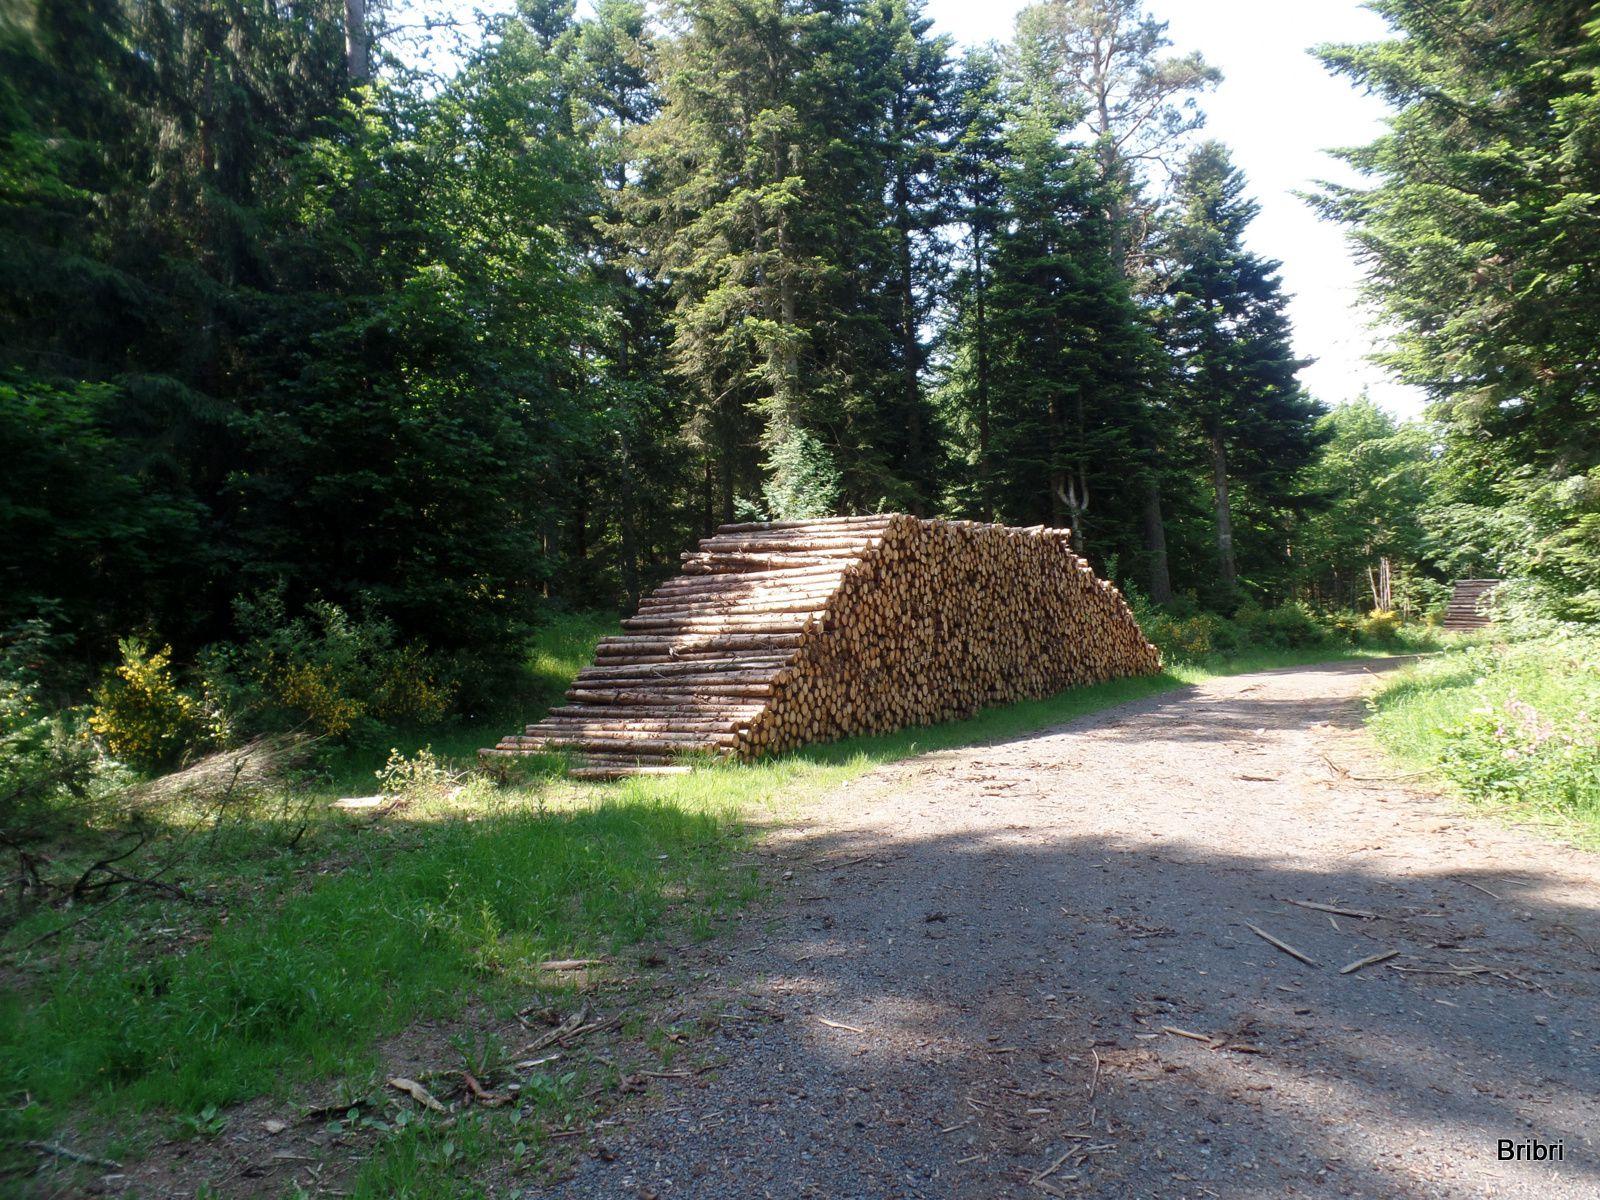 Ce tas de bois va servir de repère, ils le retrouveront après avoir fait une boucle.